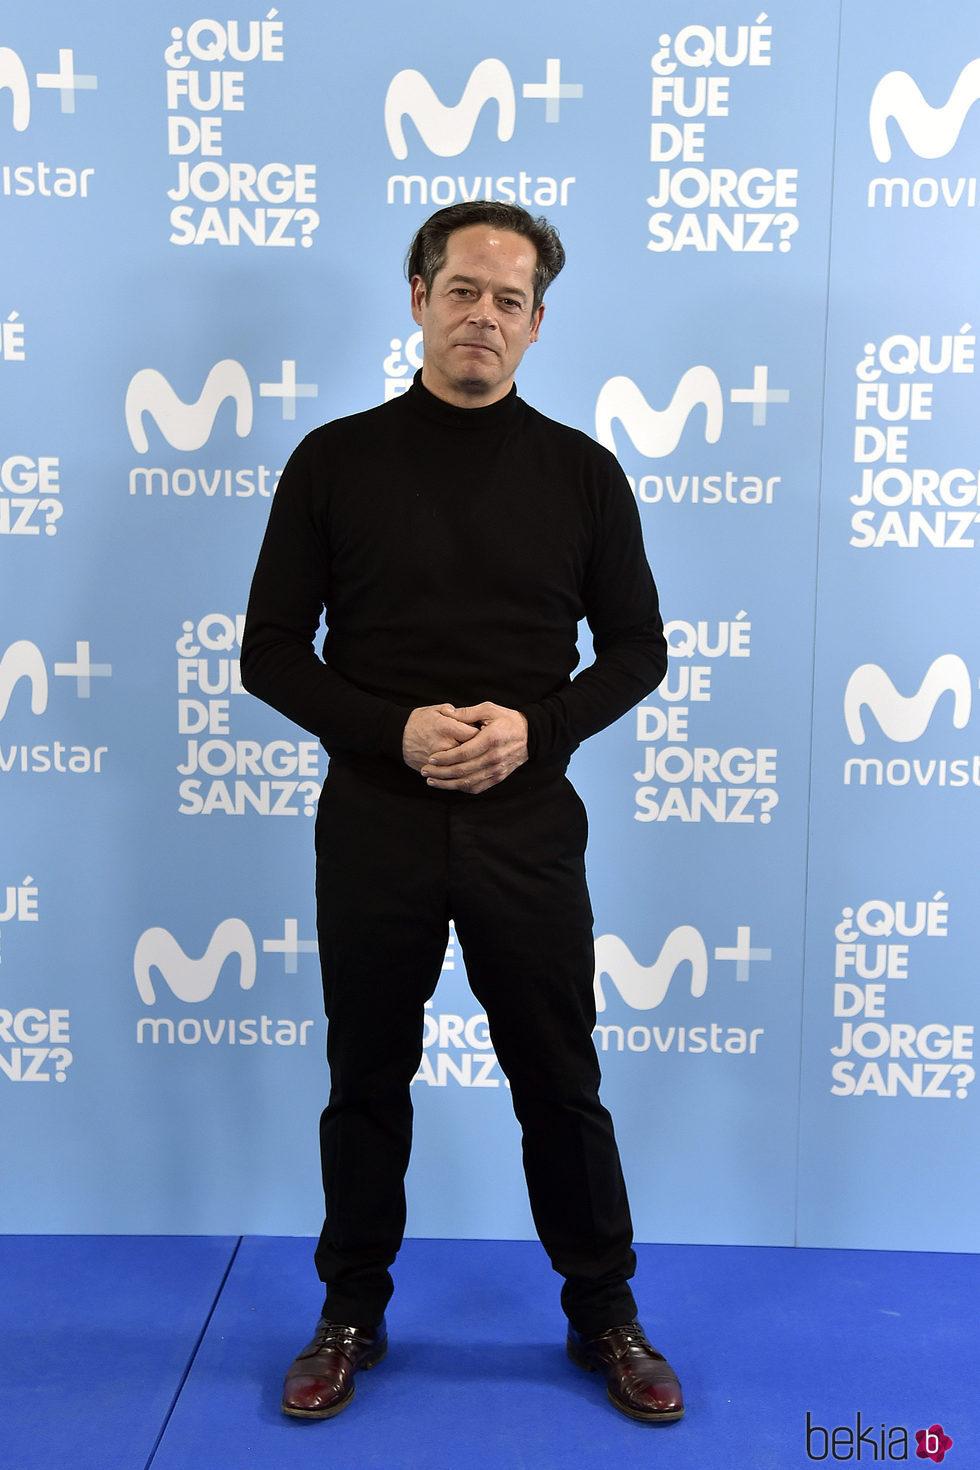 Jorge Sanz en el estreno de '¿Qué fue de Jorge Sanz?'